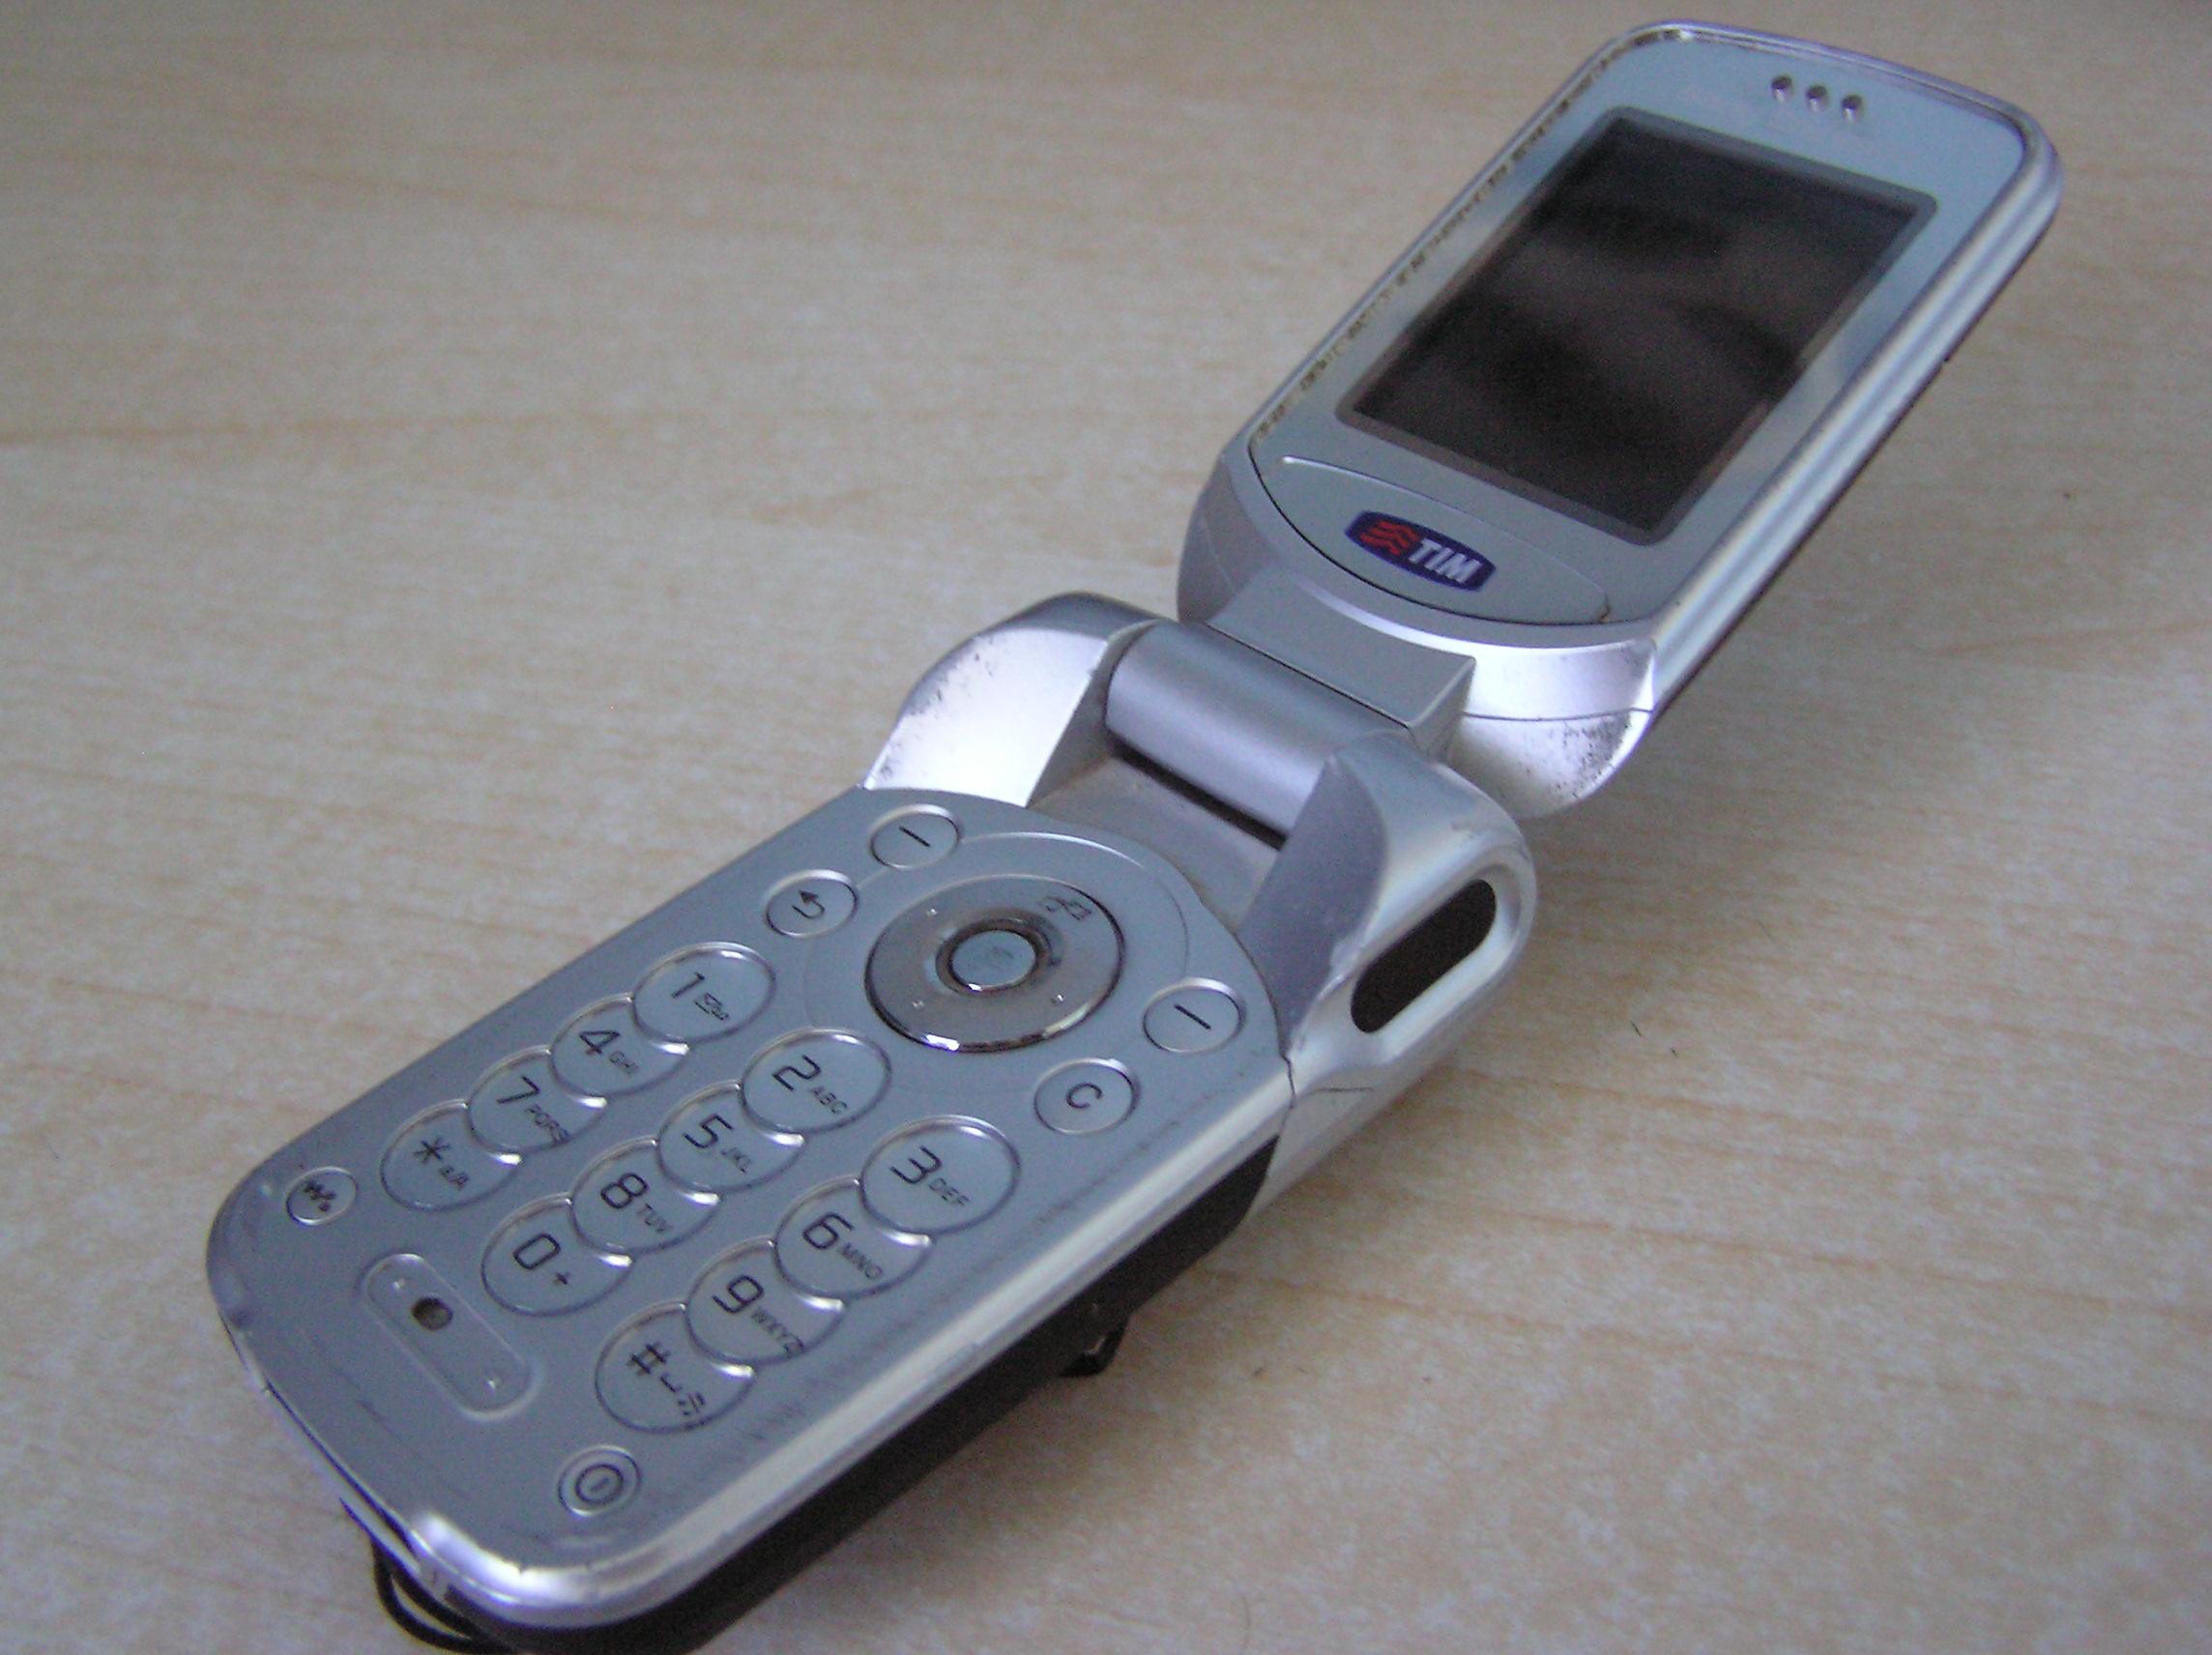 Sony Ericsson W300i Wikipedia